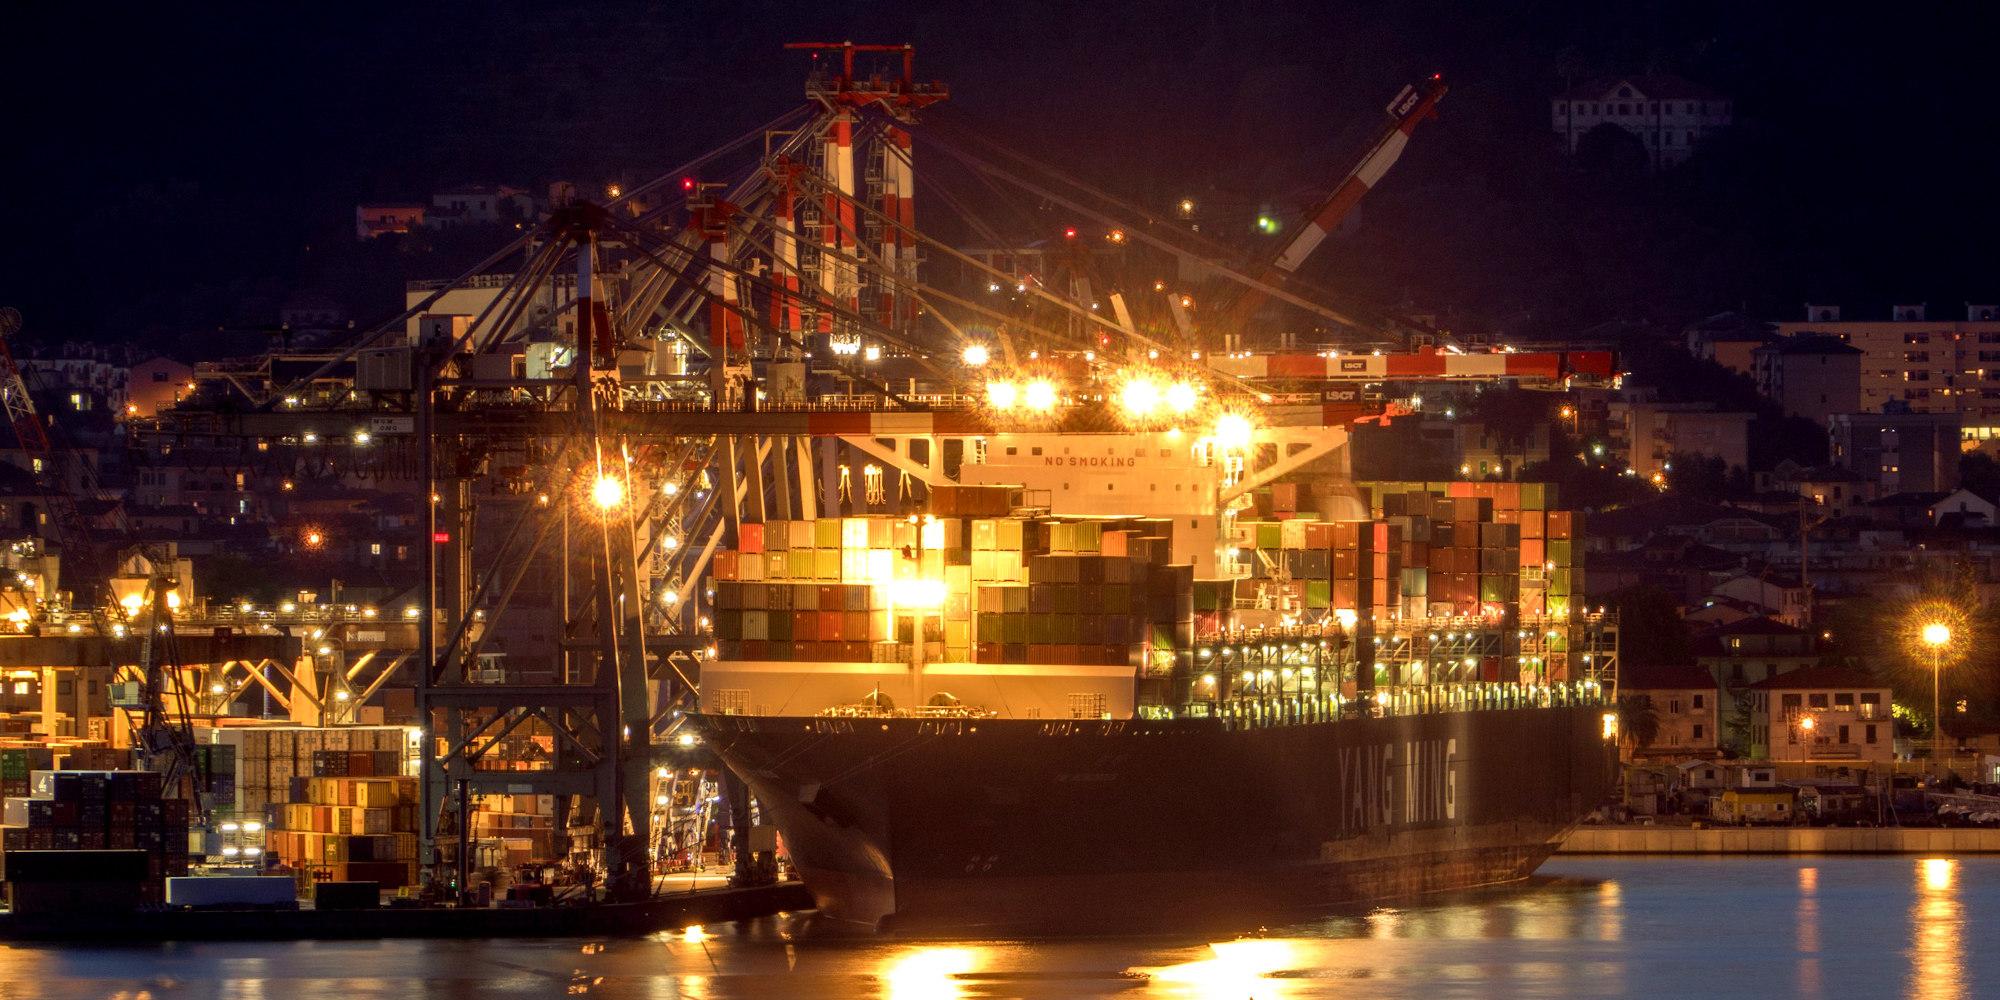 integrazione-verticale-ed-evoluzione-del-settore-dello-shipping